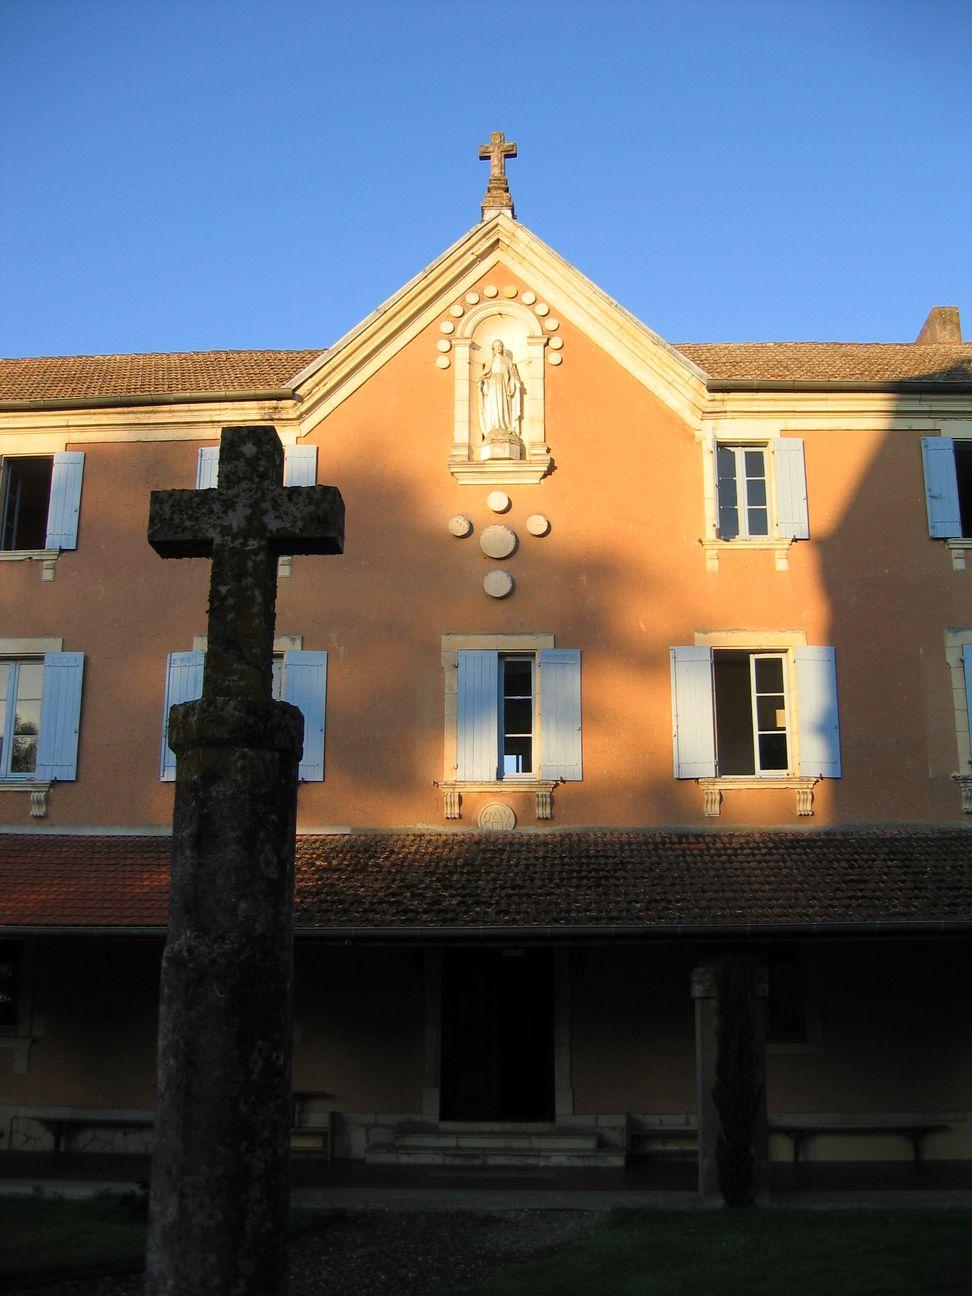 Vue du cloître, la façade rose du monastère est caressée par le soleil d'un matin d'été. A son sommet, la Vierge veille sur le cloître. En premier plan une croix de pierre habillée de lichens ocres-jaunes.